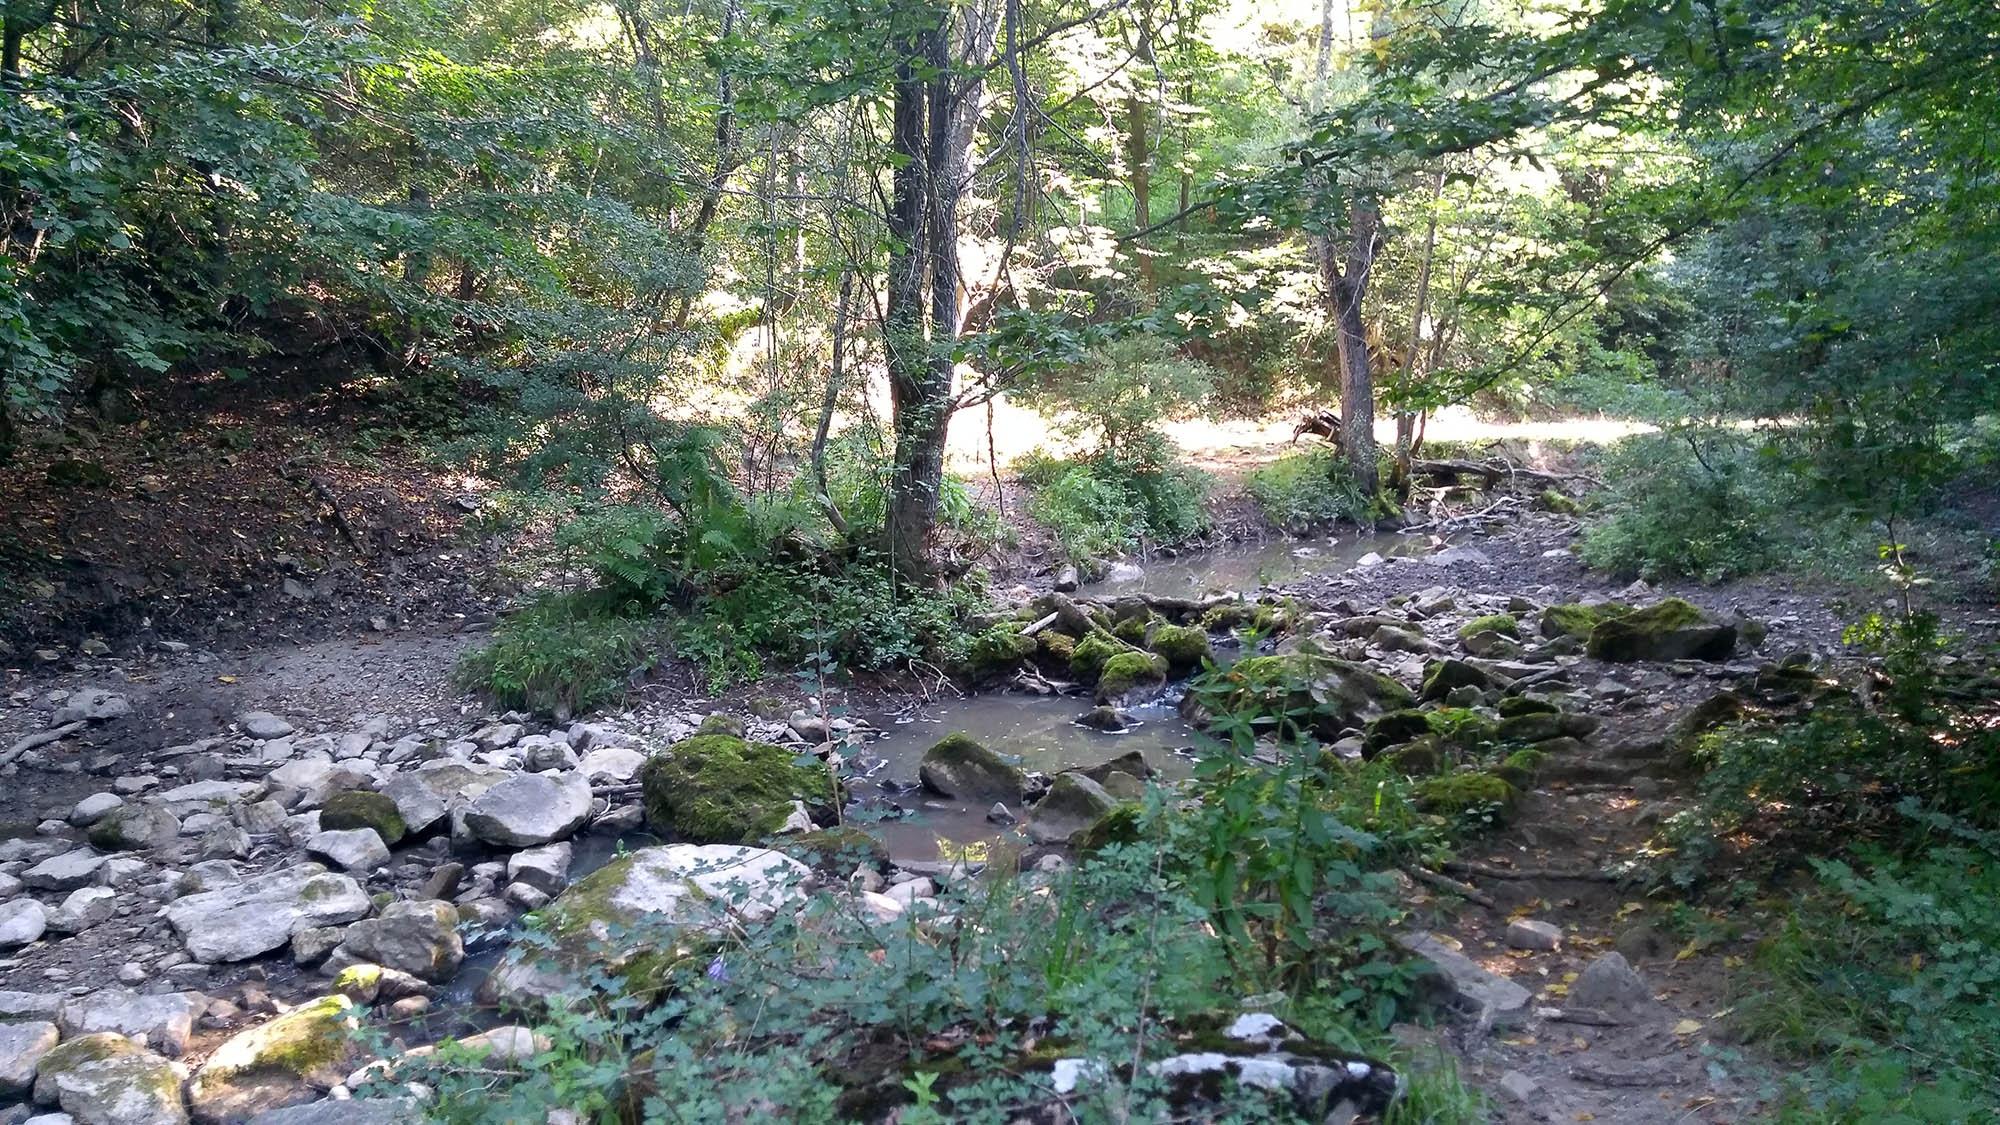 През рекичката